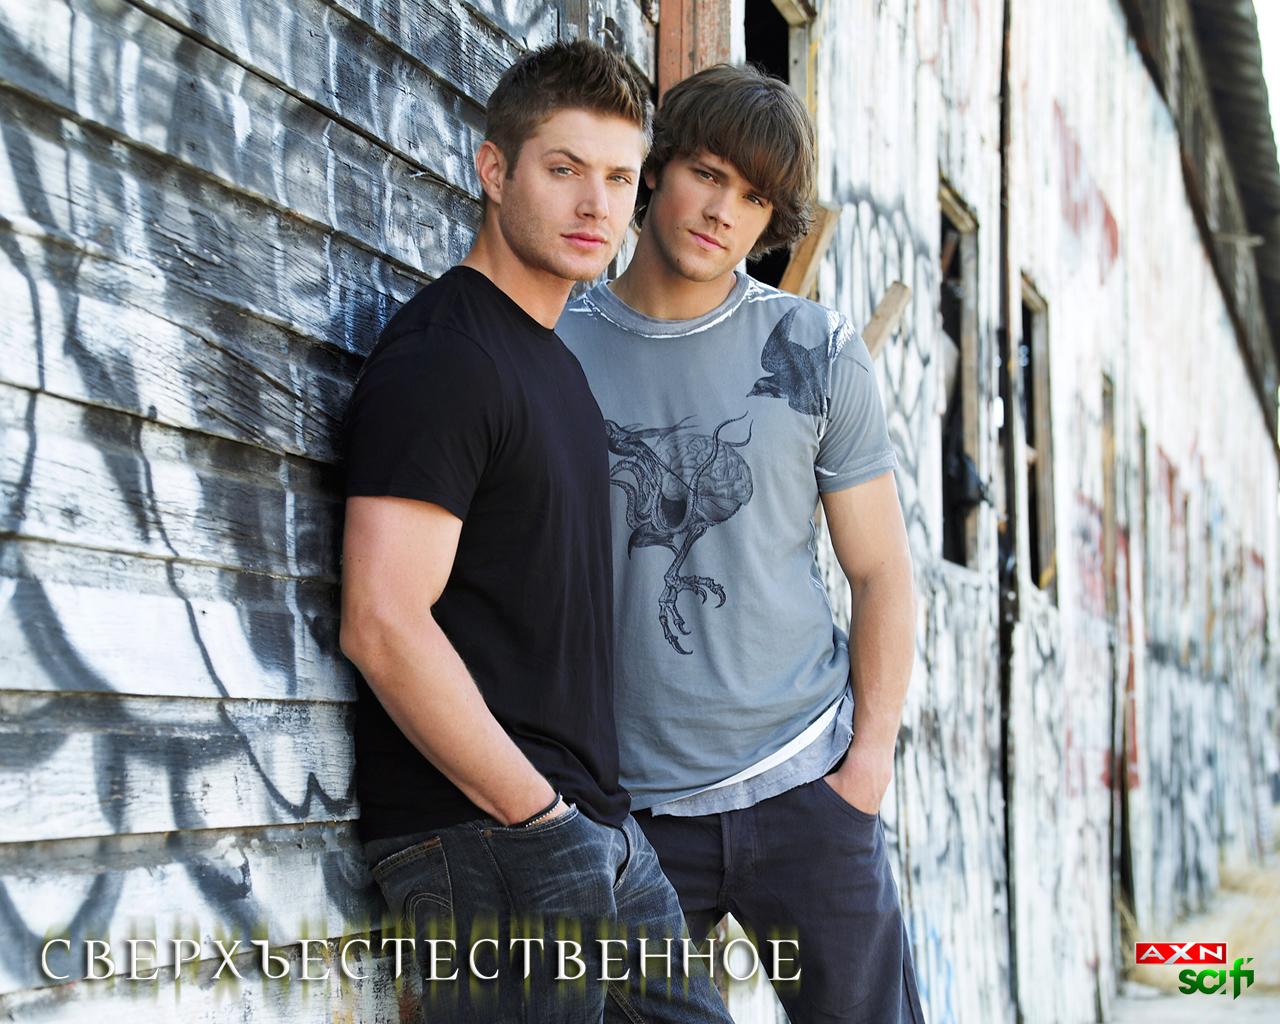 Fotos Supernatural Jensen Ackles Jared Padalecki Film